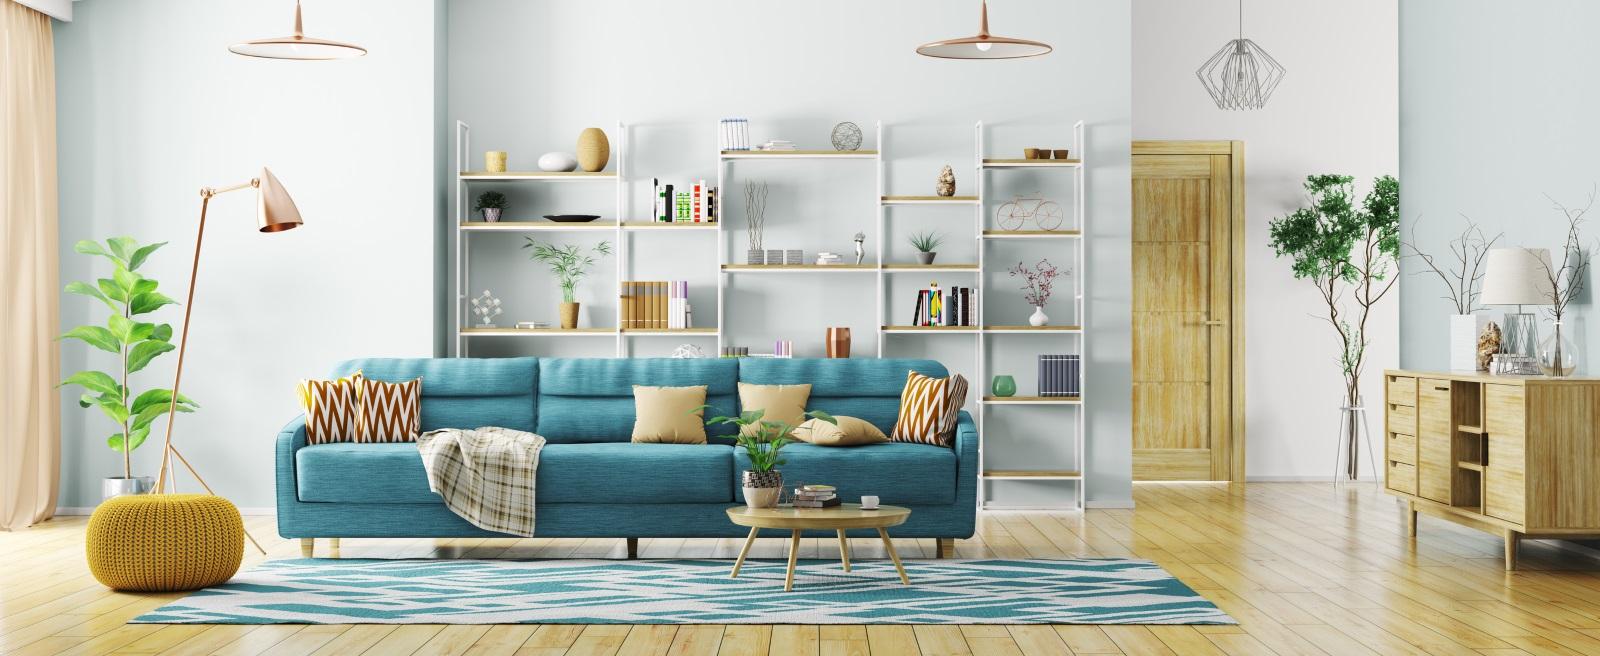 Различните по цвят и текстура мебели придават свежест и колоритност на помещението.